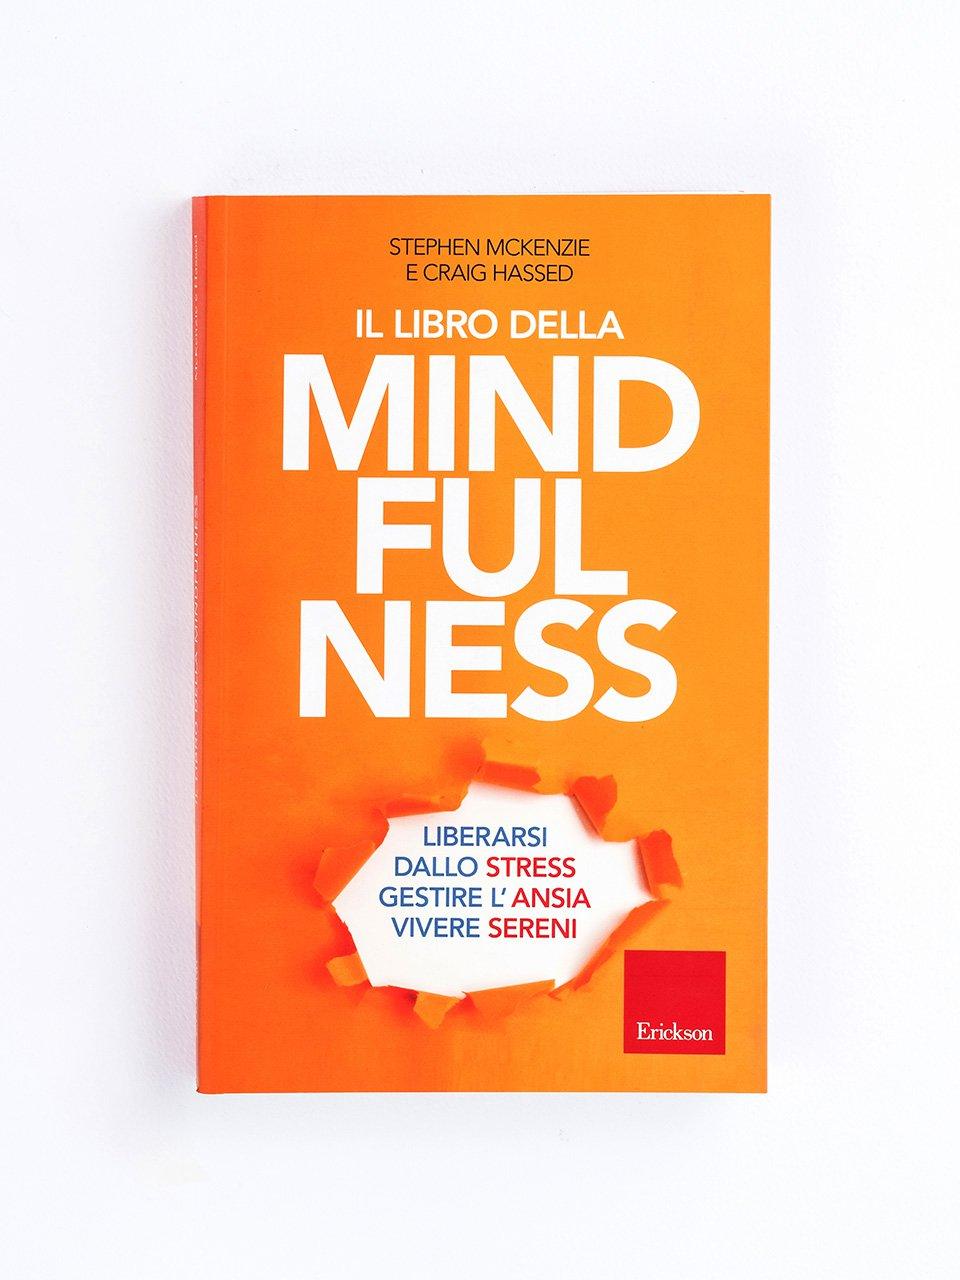 Il libro della mindfulness - Migliorare la propria vita con la mindfulness - Erickson